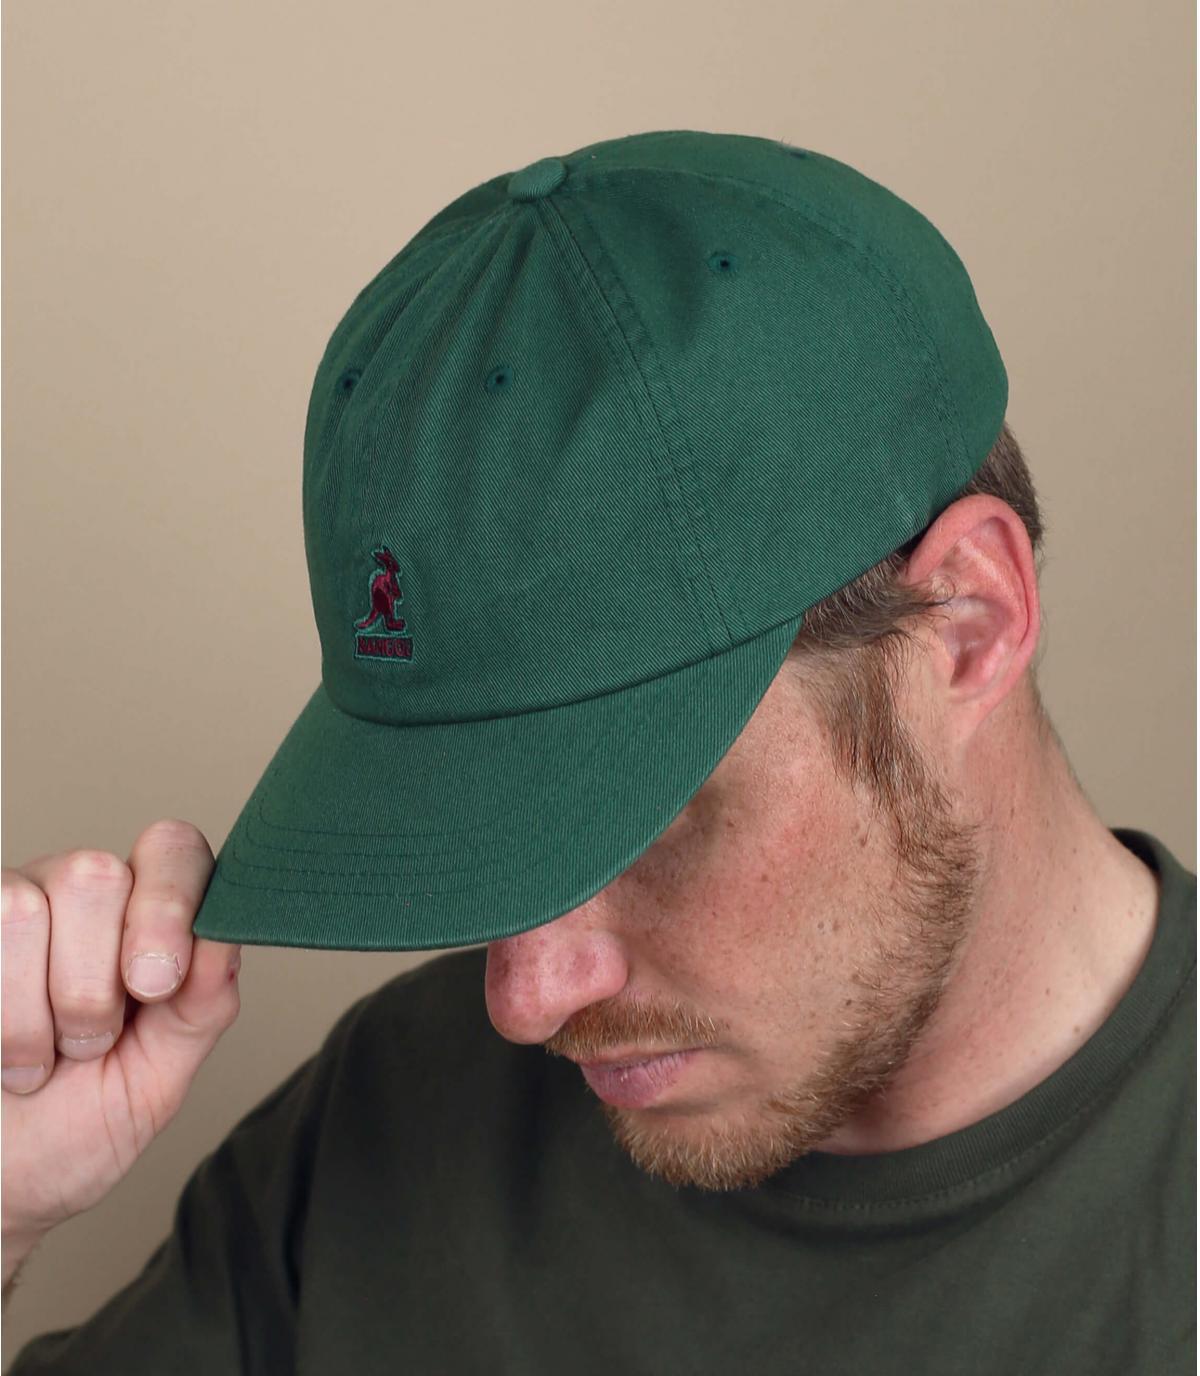 Green Kangol cap